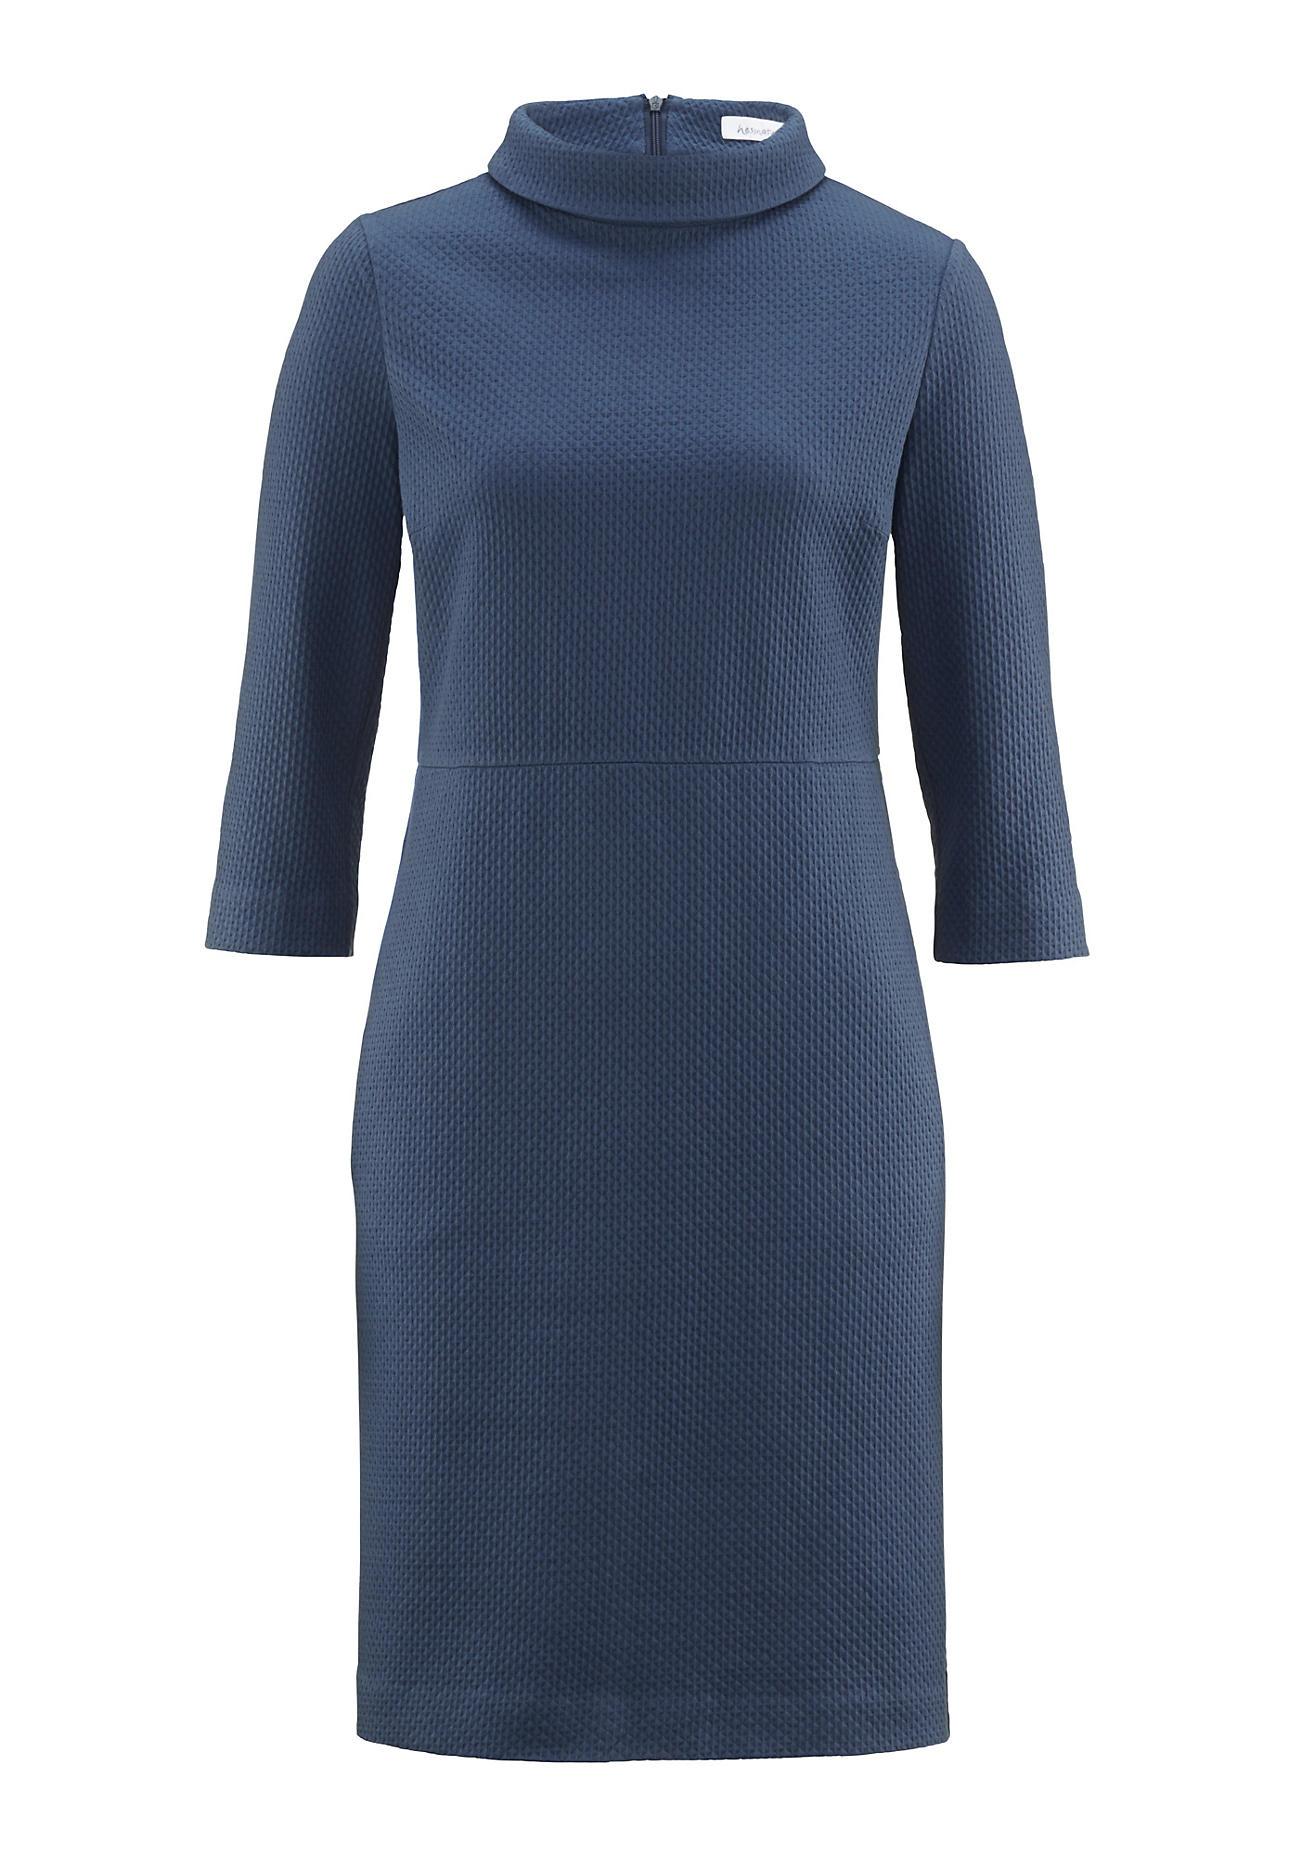 hessnatur Damen Kleid aus Bio Baumwolle – blau – Größe 38